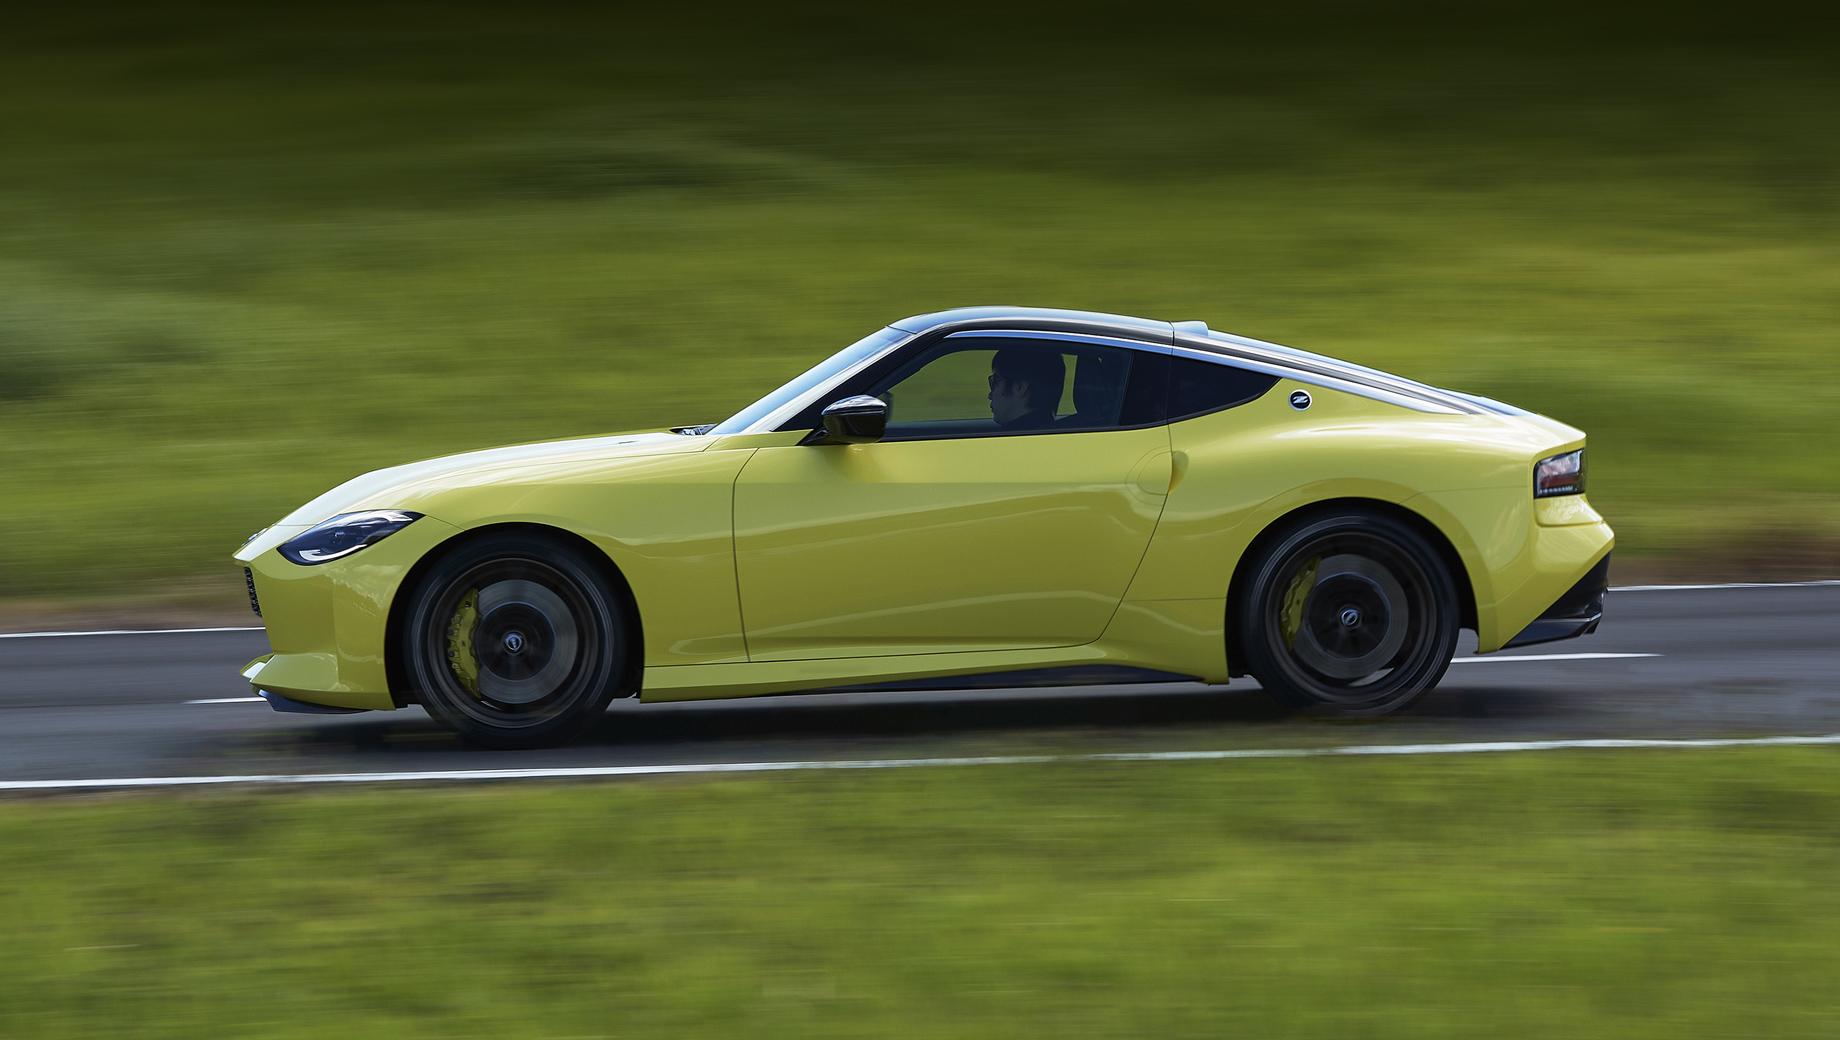 Nissan z. Внешность серийной модели должна быть близка к концепту Nissan Z Proto, показанному в сентябре 2020 года.